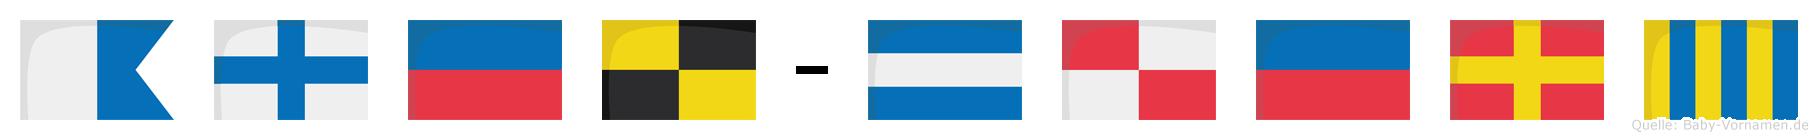 Axel-Jürg im Flaggenalphabet